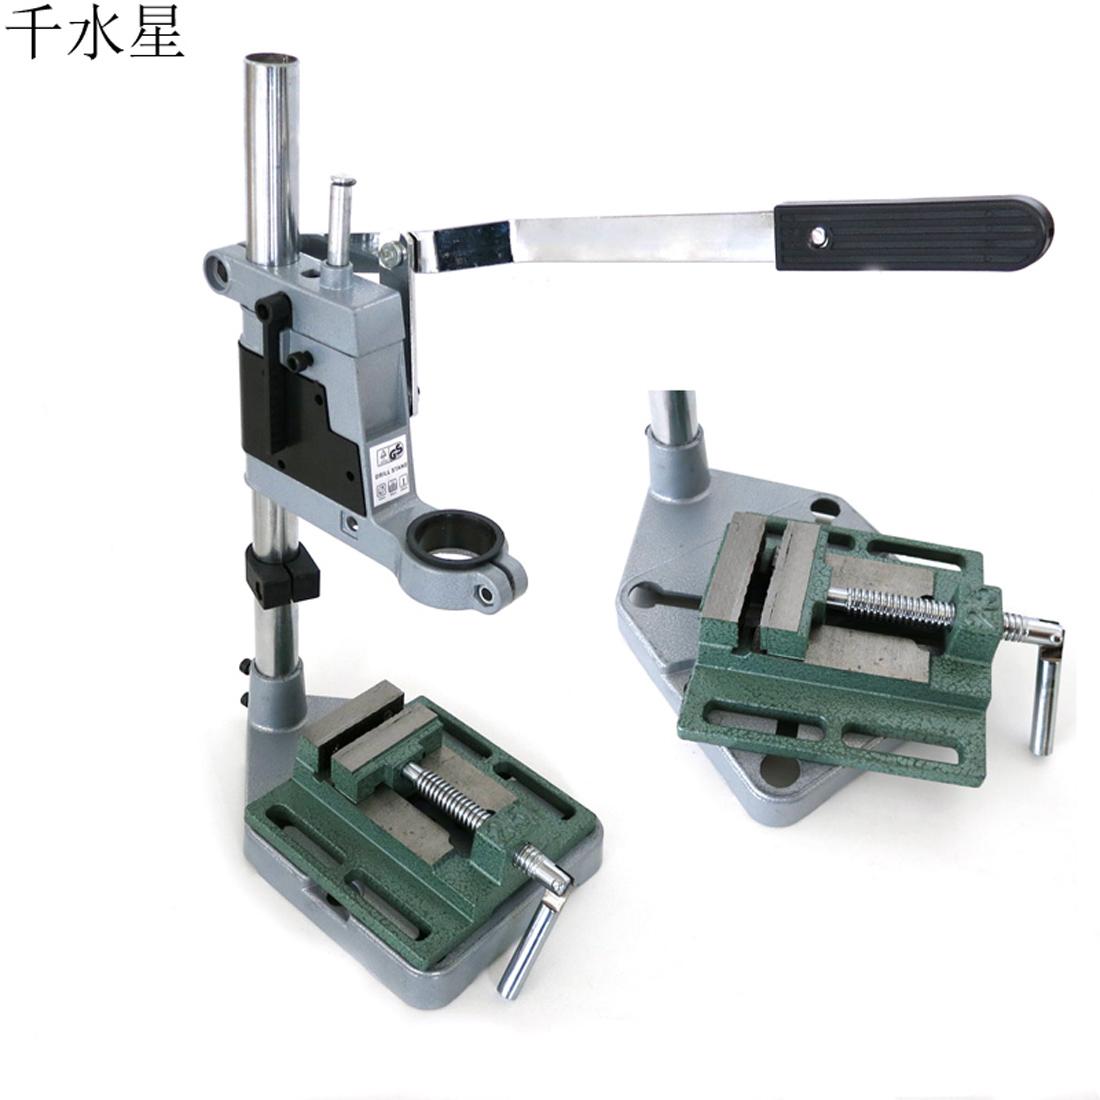 台钻工作台 diy模型台钻夹 铁制手工制作工具手电钻支架 多功能